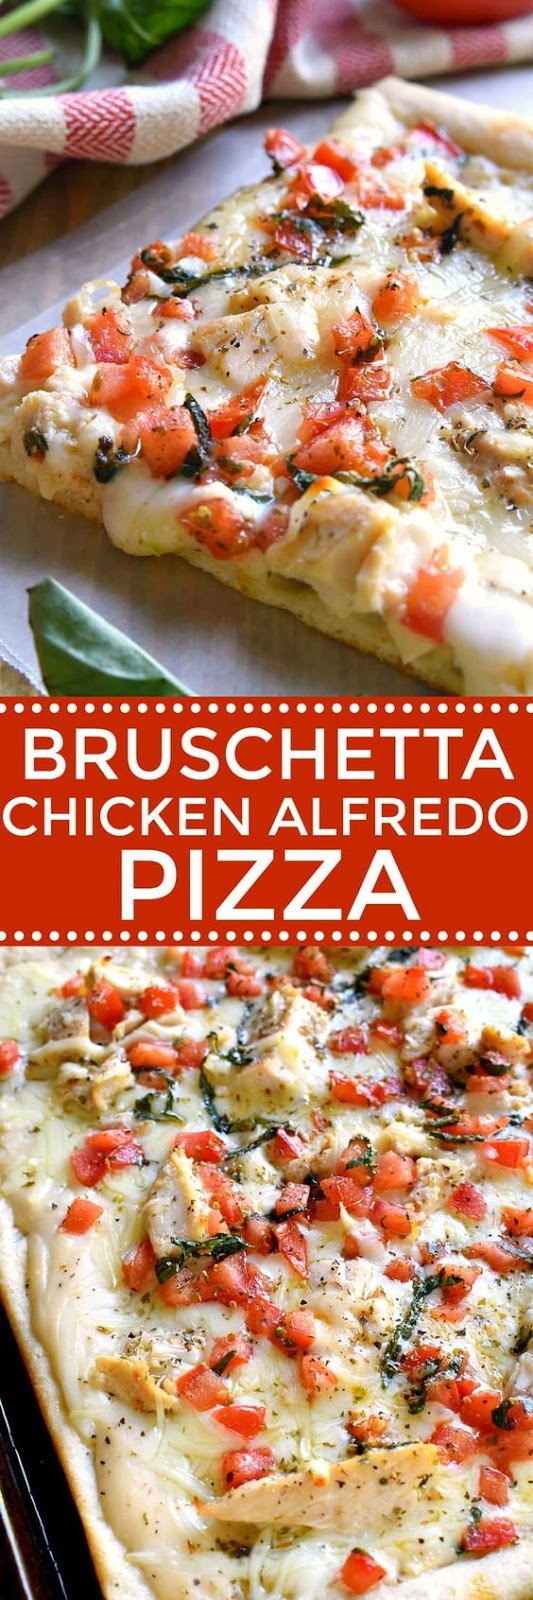 Bruschetta Chicken Alfredo Pizza